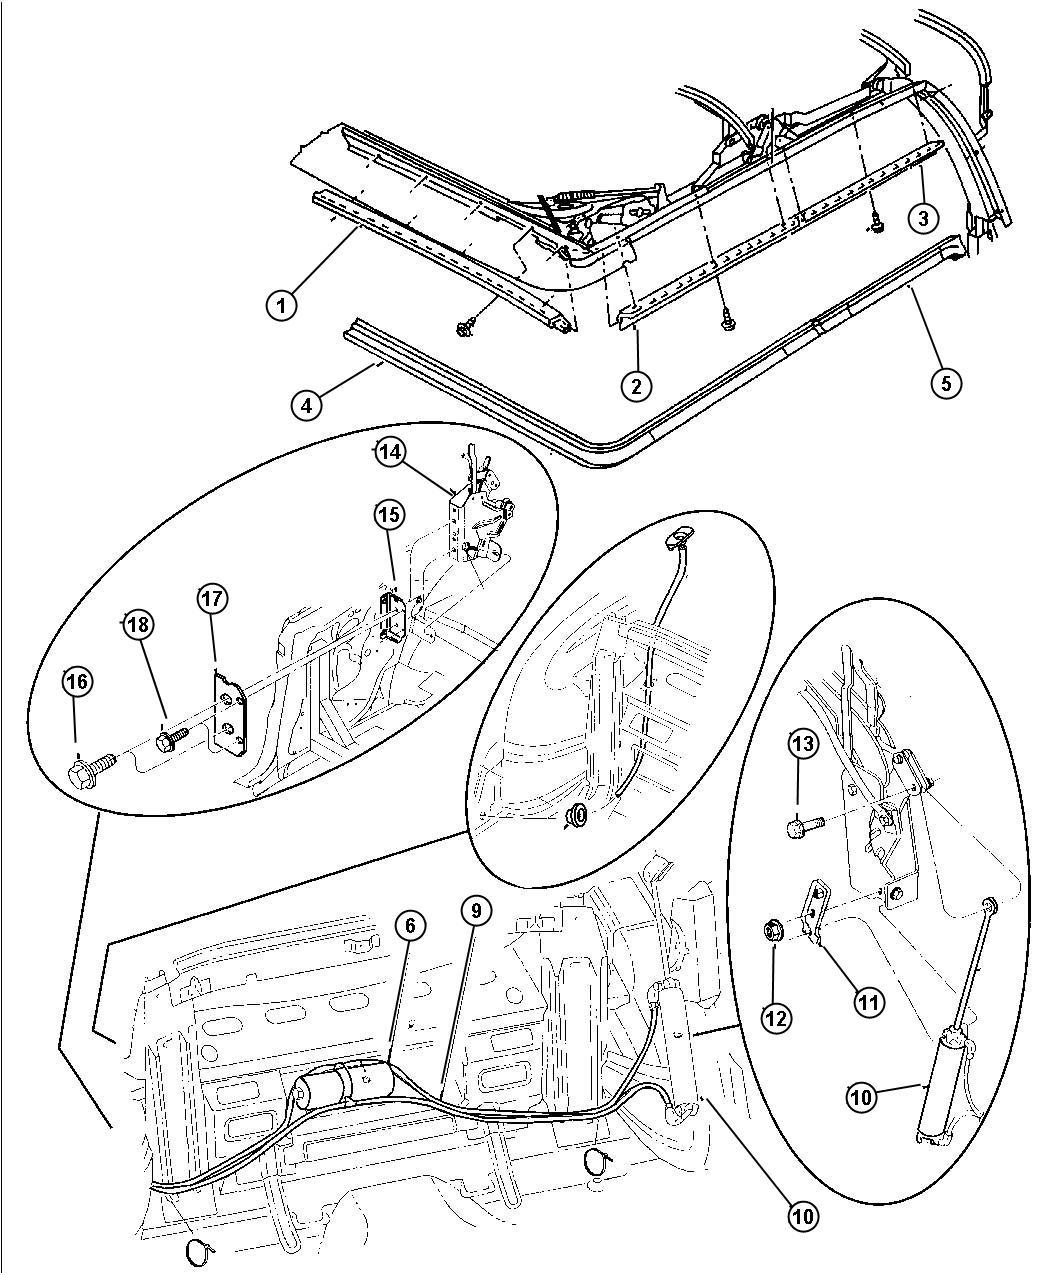 Chrysler Sebring Jxi Convertible 2 5l V6 Sohc 24v Smpi 4 Spd Automatic 41te Convertible